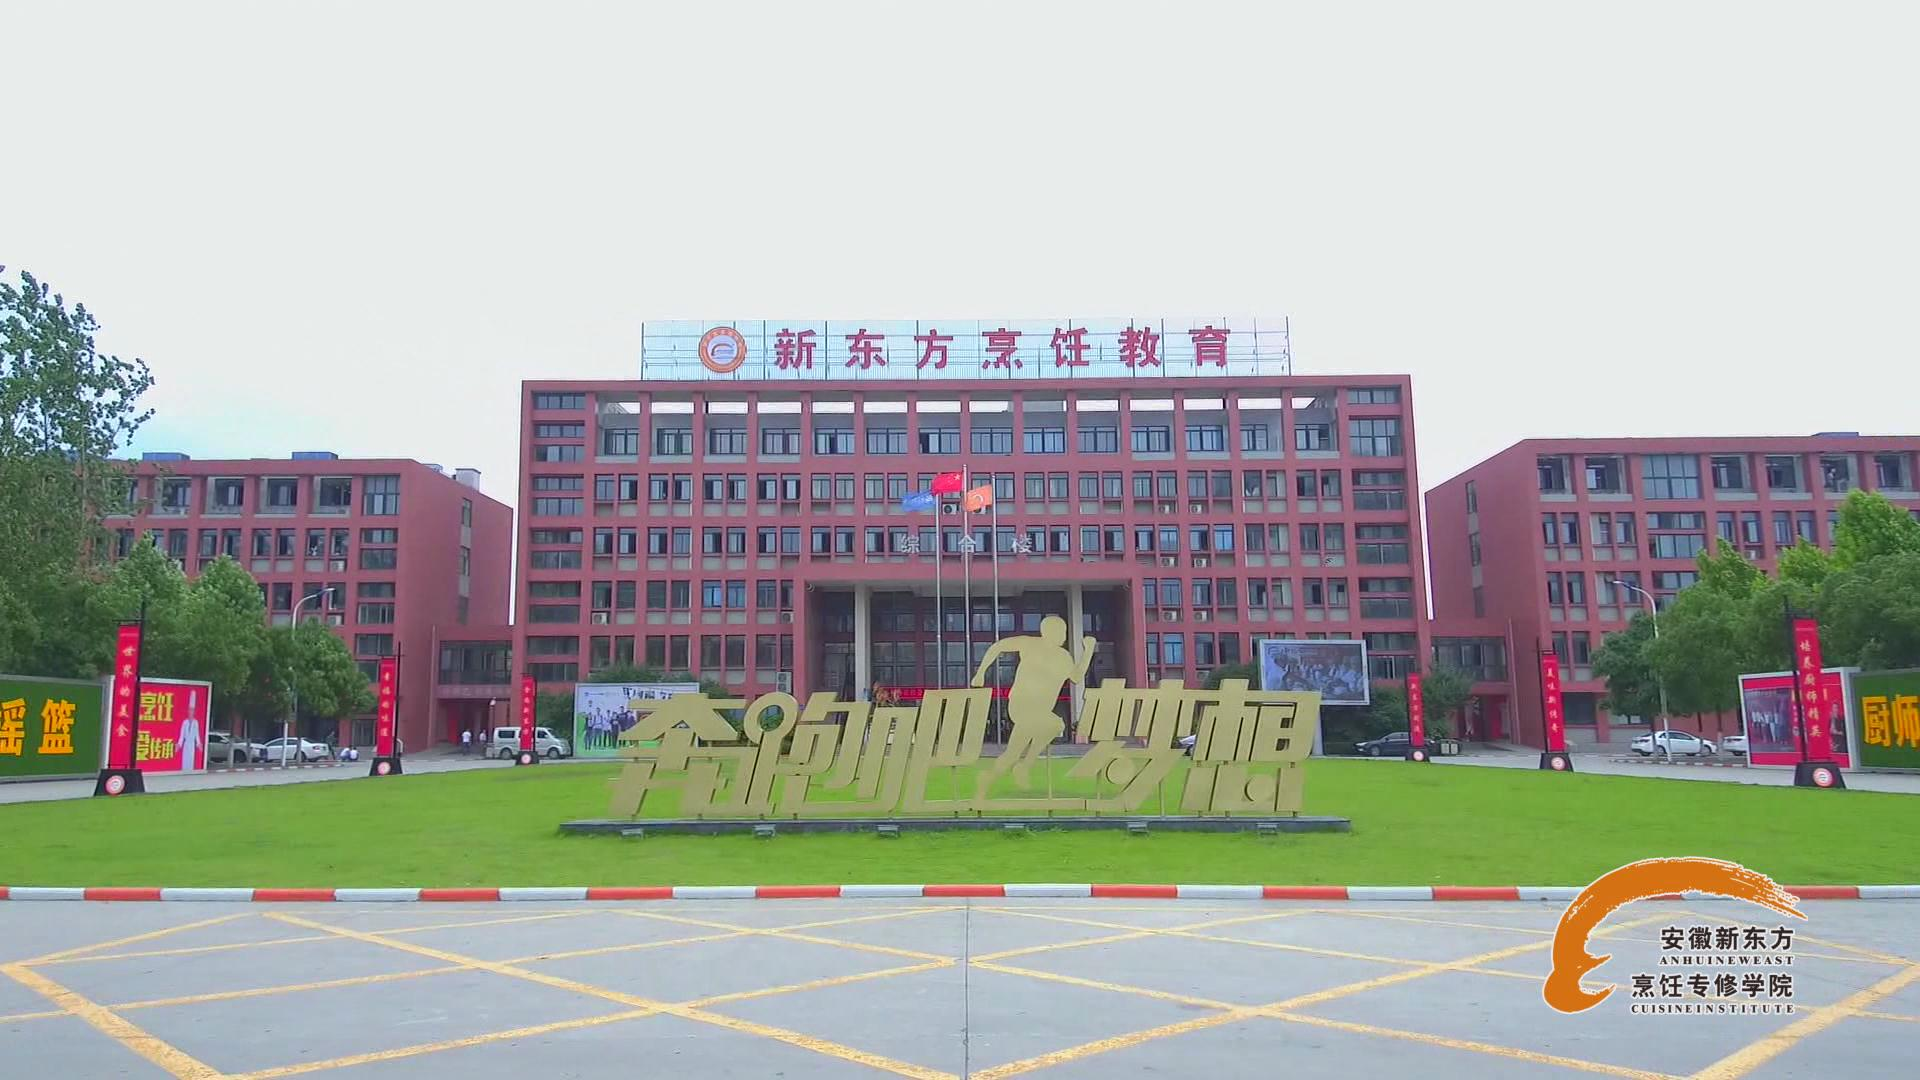 安徽新东方之专业介绍